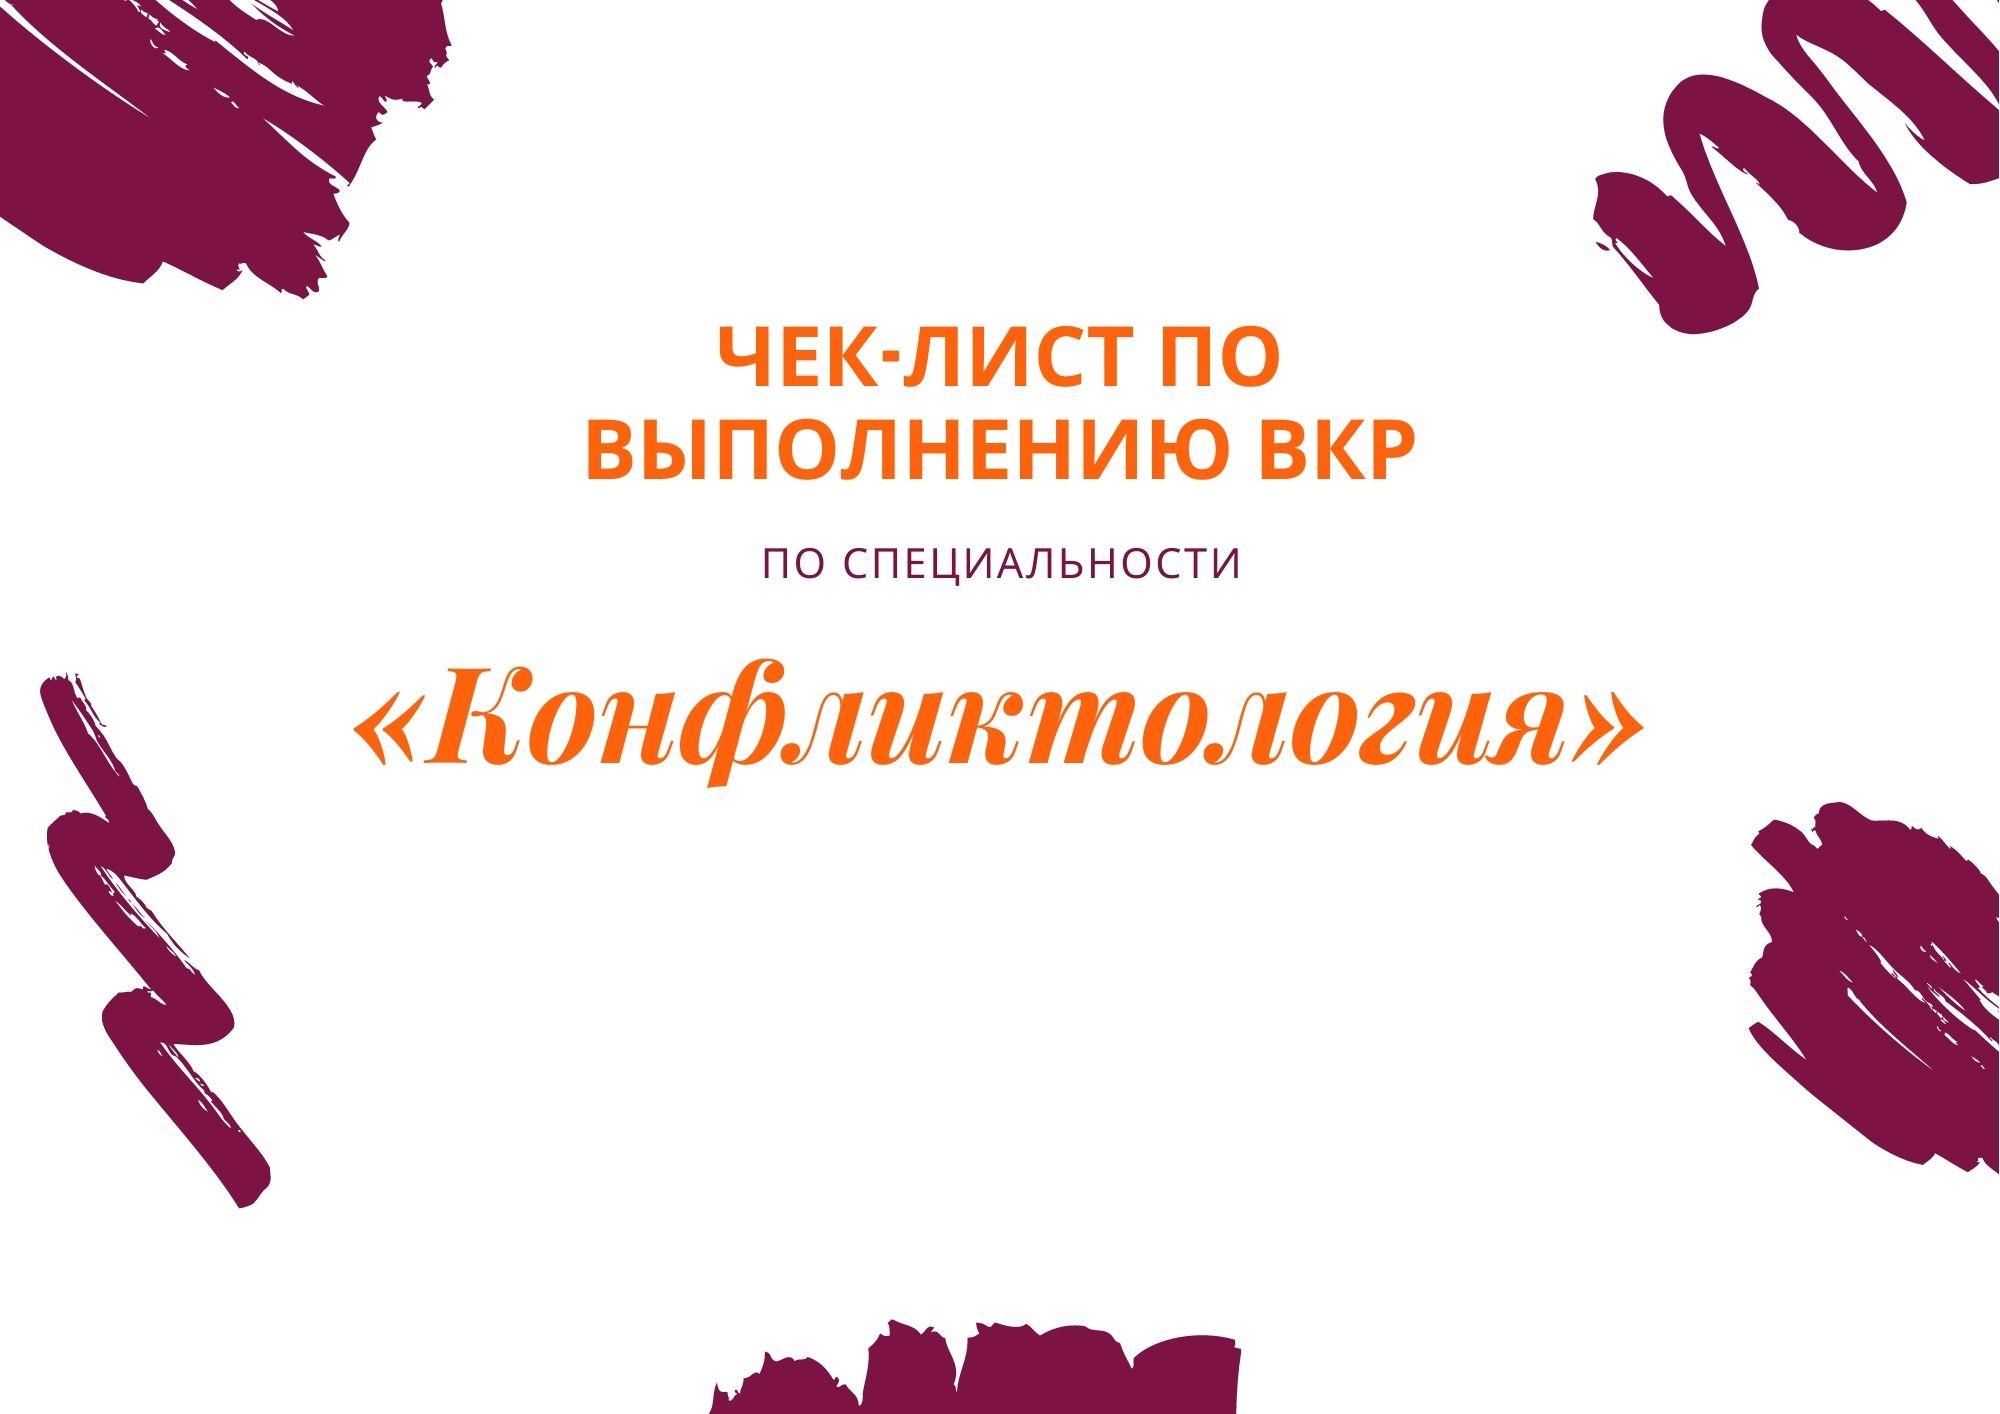 Чек-лист по выполнению ВКР по специальности «Конфликтология»